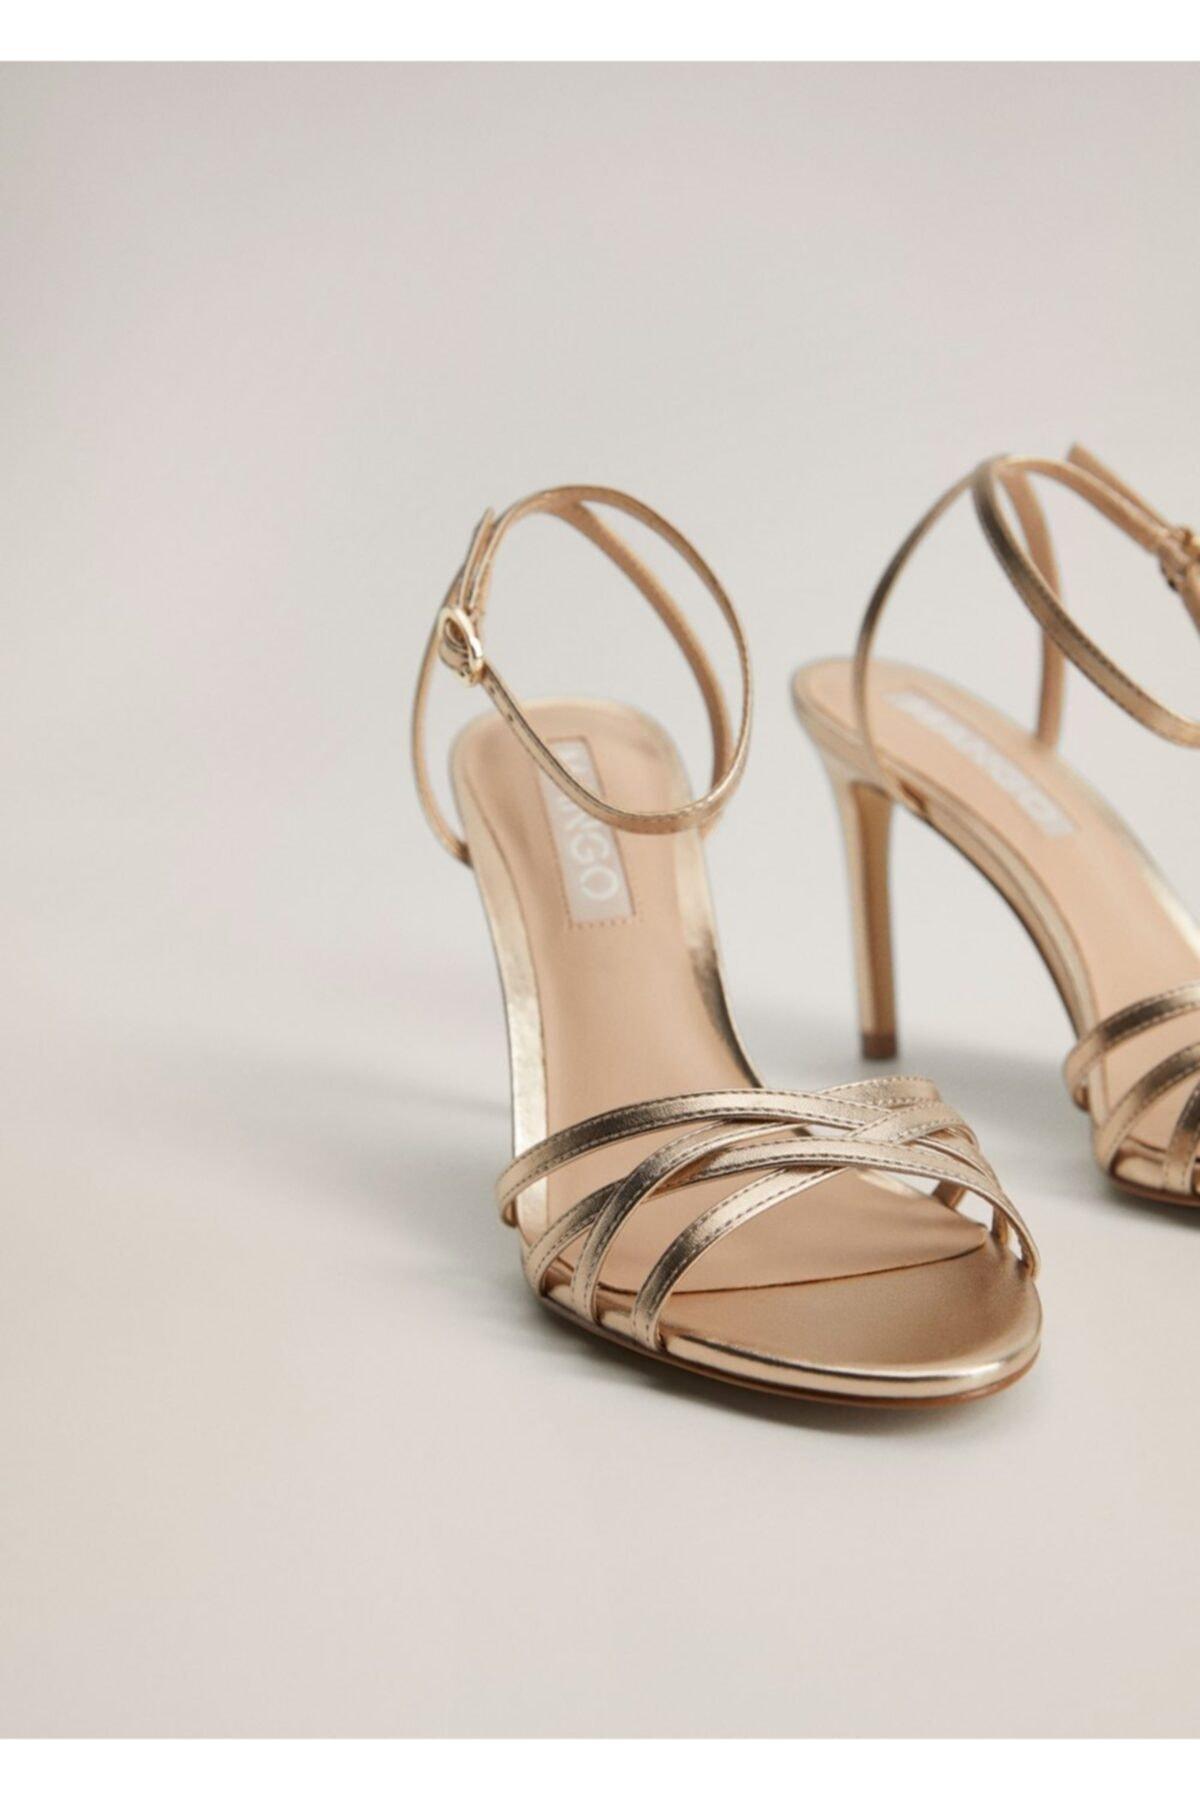 MANGO Woman Kadın Altın Sarısı Metalik Bantlı Sandalet 77040038 2